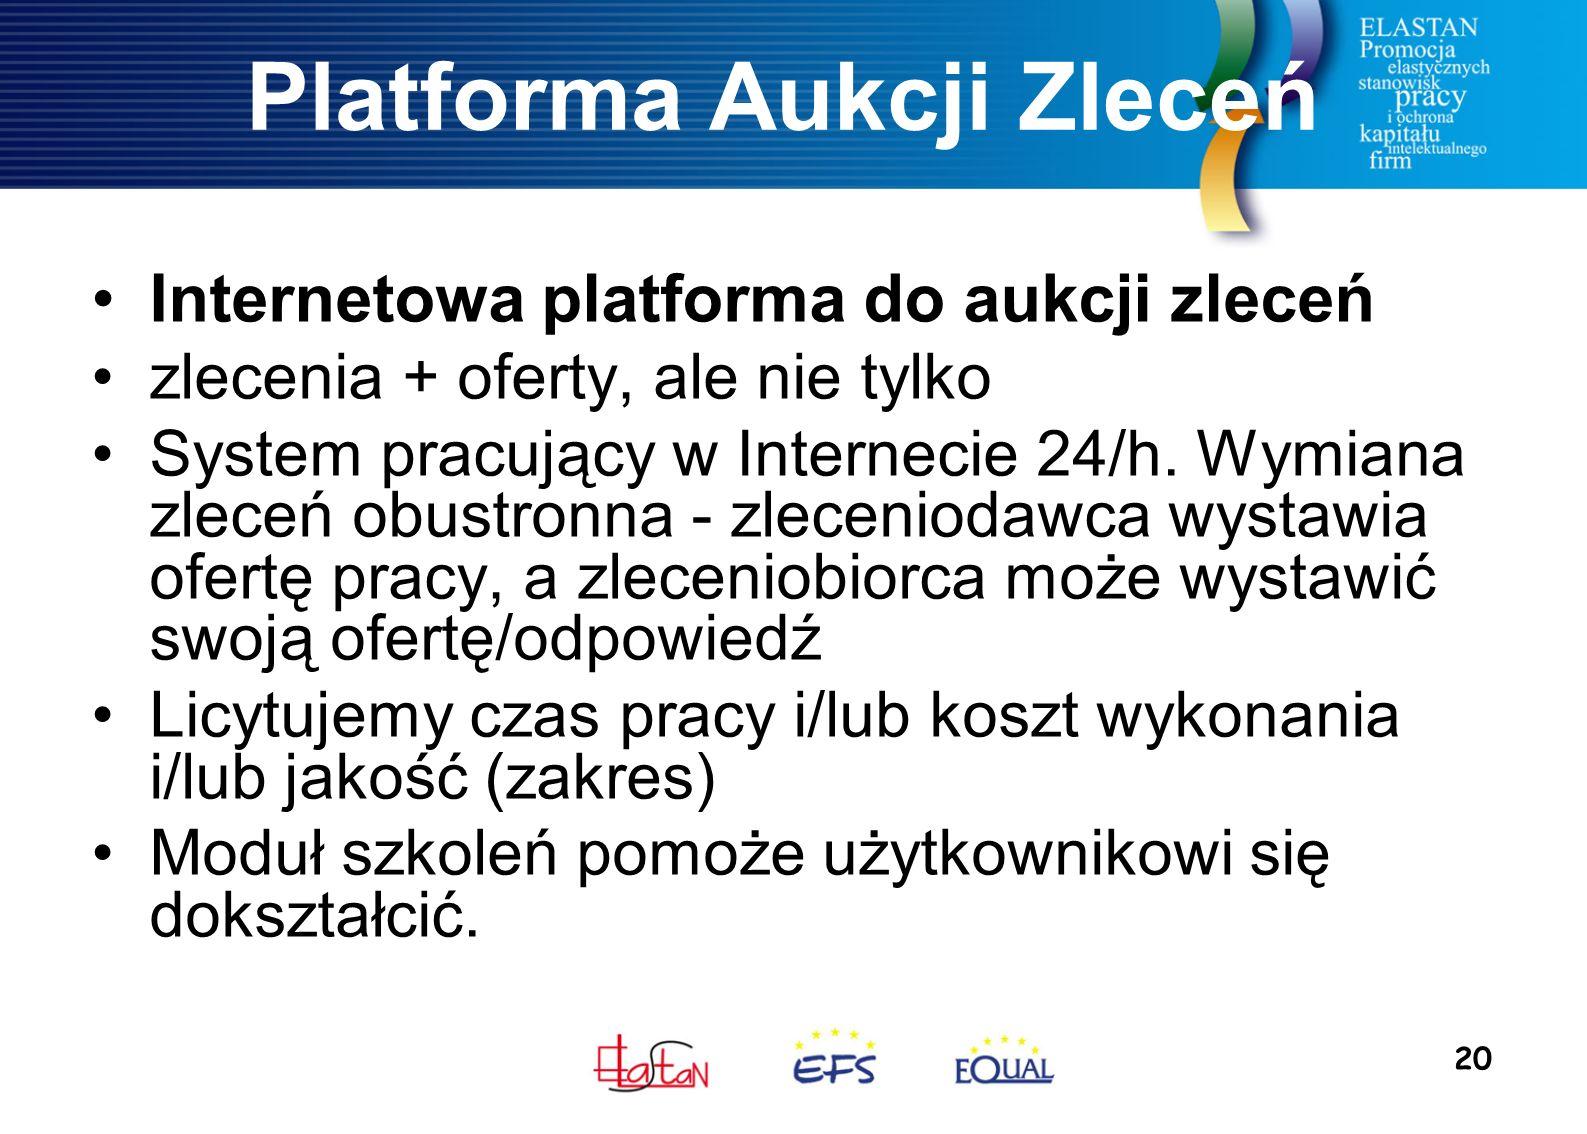 20 Platforma Aukcji Zleceń Internetowa platforma do aukcji zleceń zlecenia + oferty, ale nie tylko System pracujący w Internecie 24/h. Wymiana zleceń